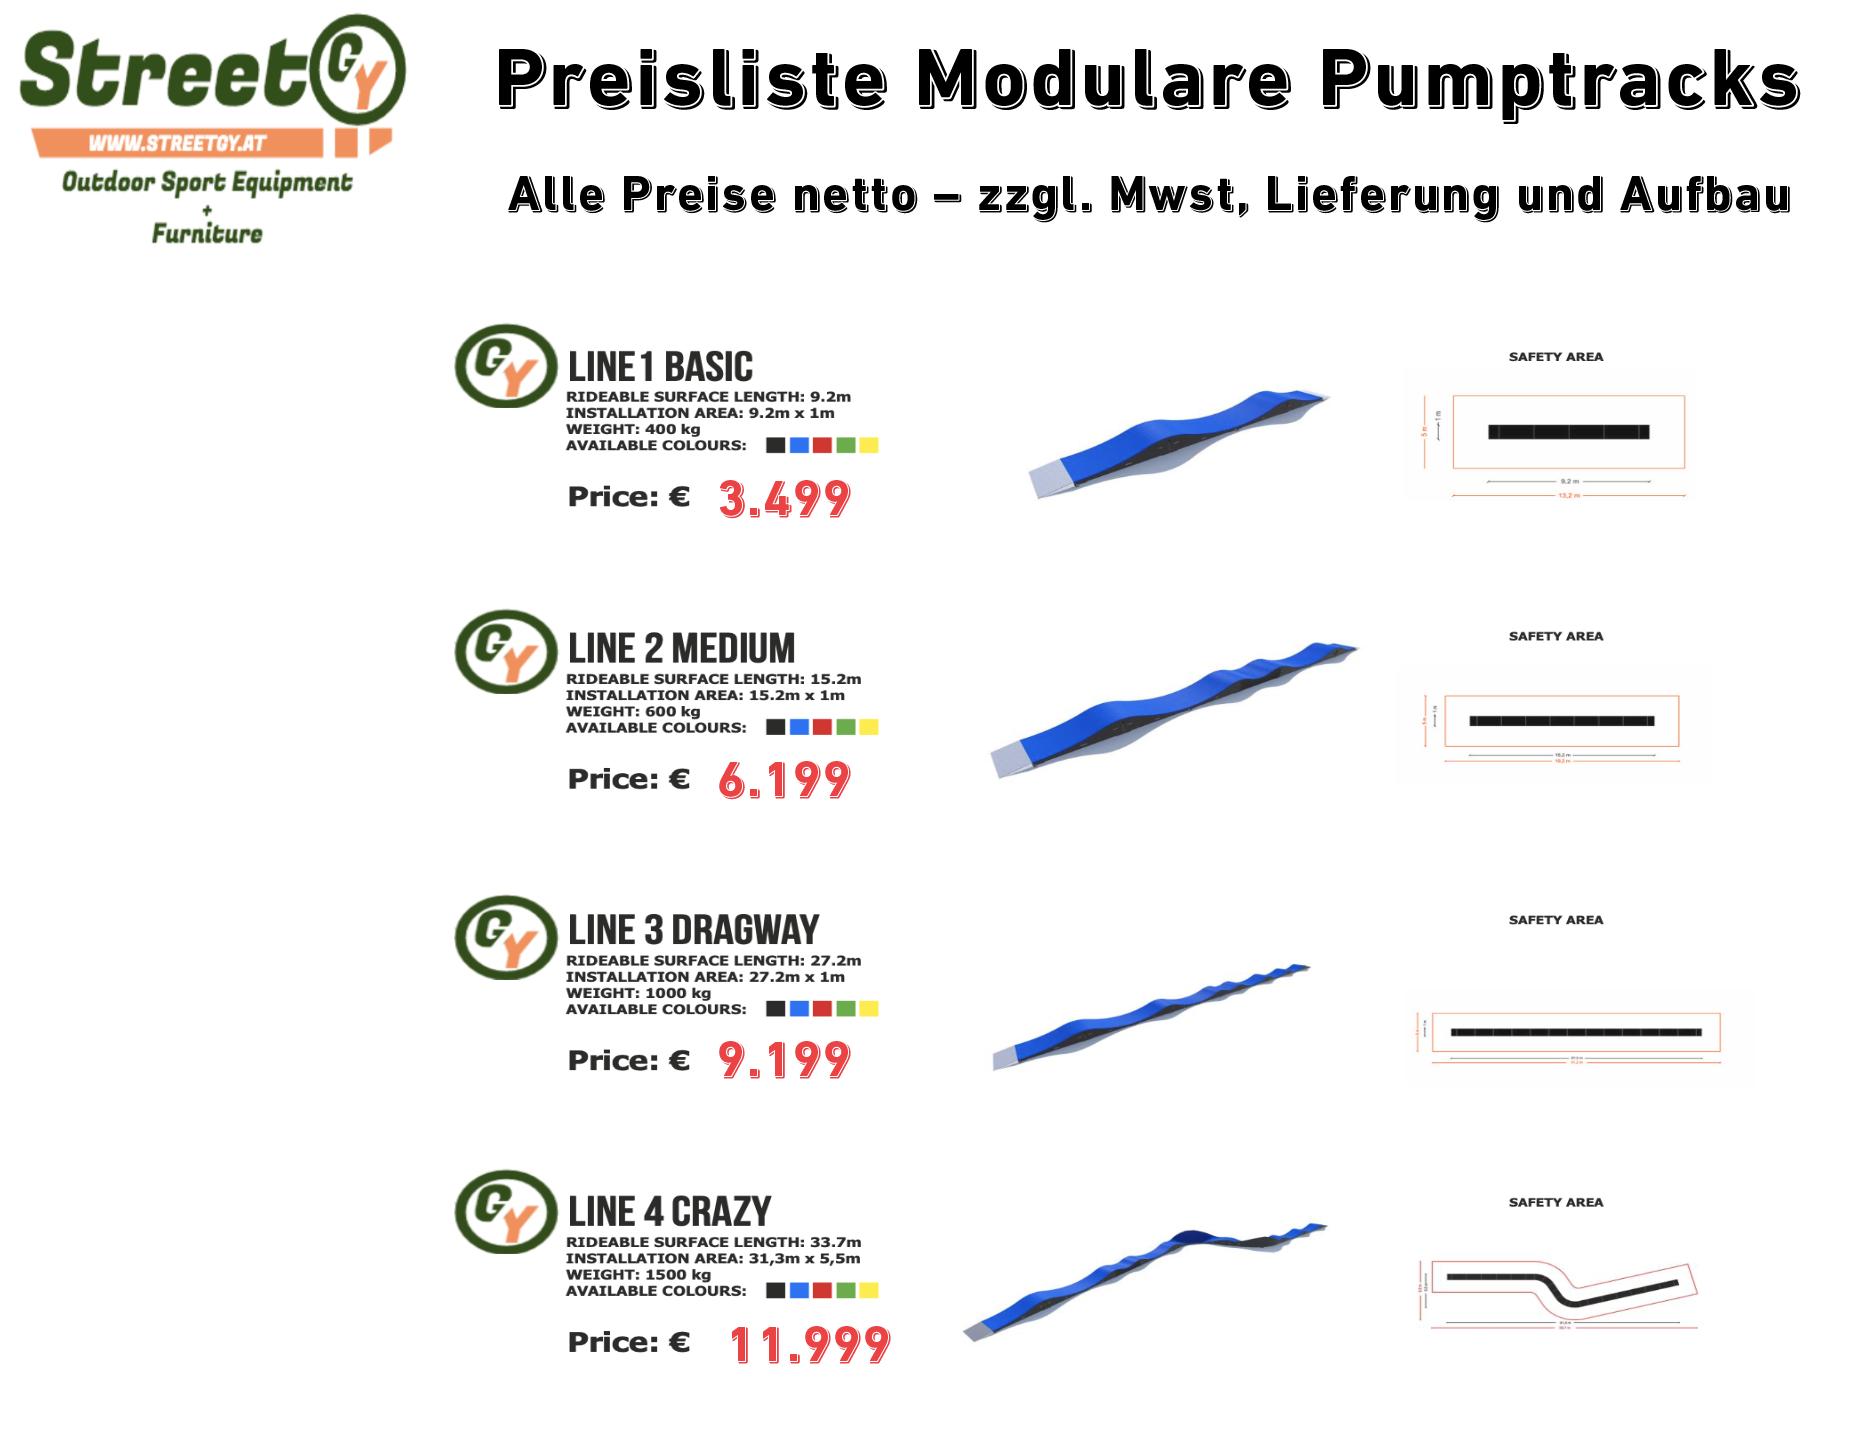 ❤️ Preisliste für Modulare Pumptracks. ❤️ ➡️ Hier finden Sie alle Informationen zu: Pumptrack Preis, Pumptrack kosten und Förderungen für Pumptracks Teil 6